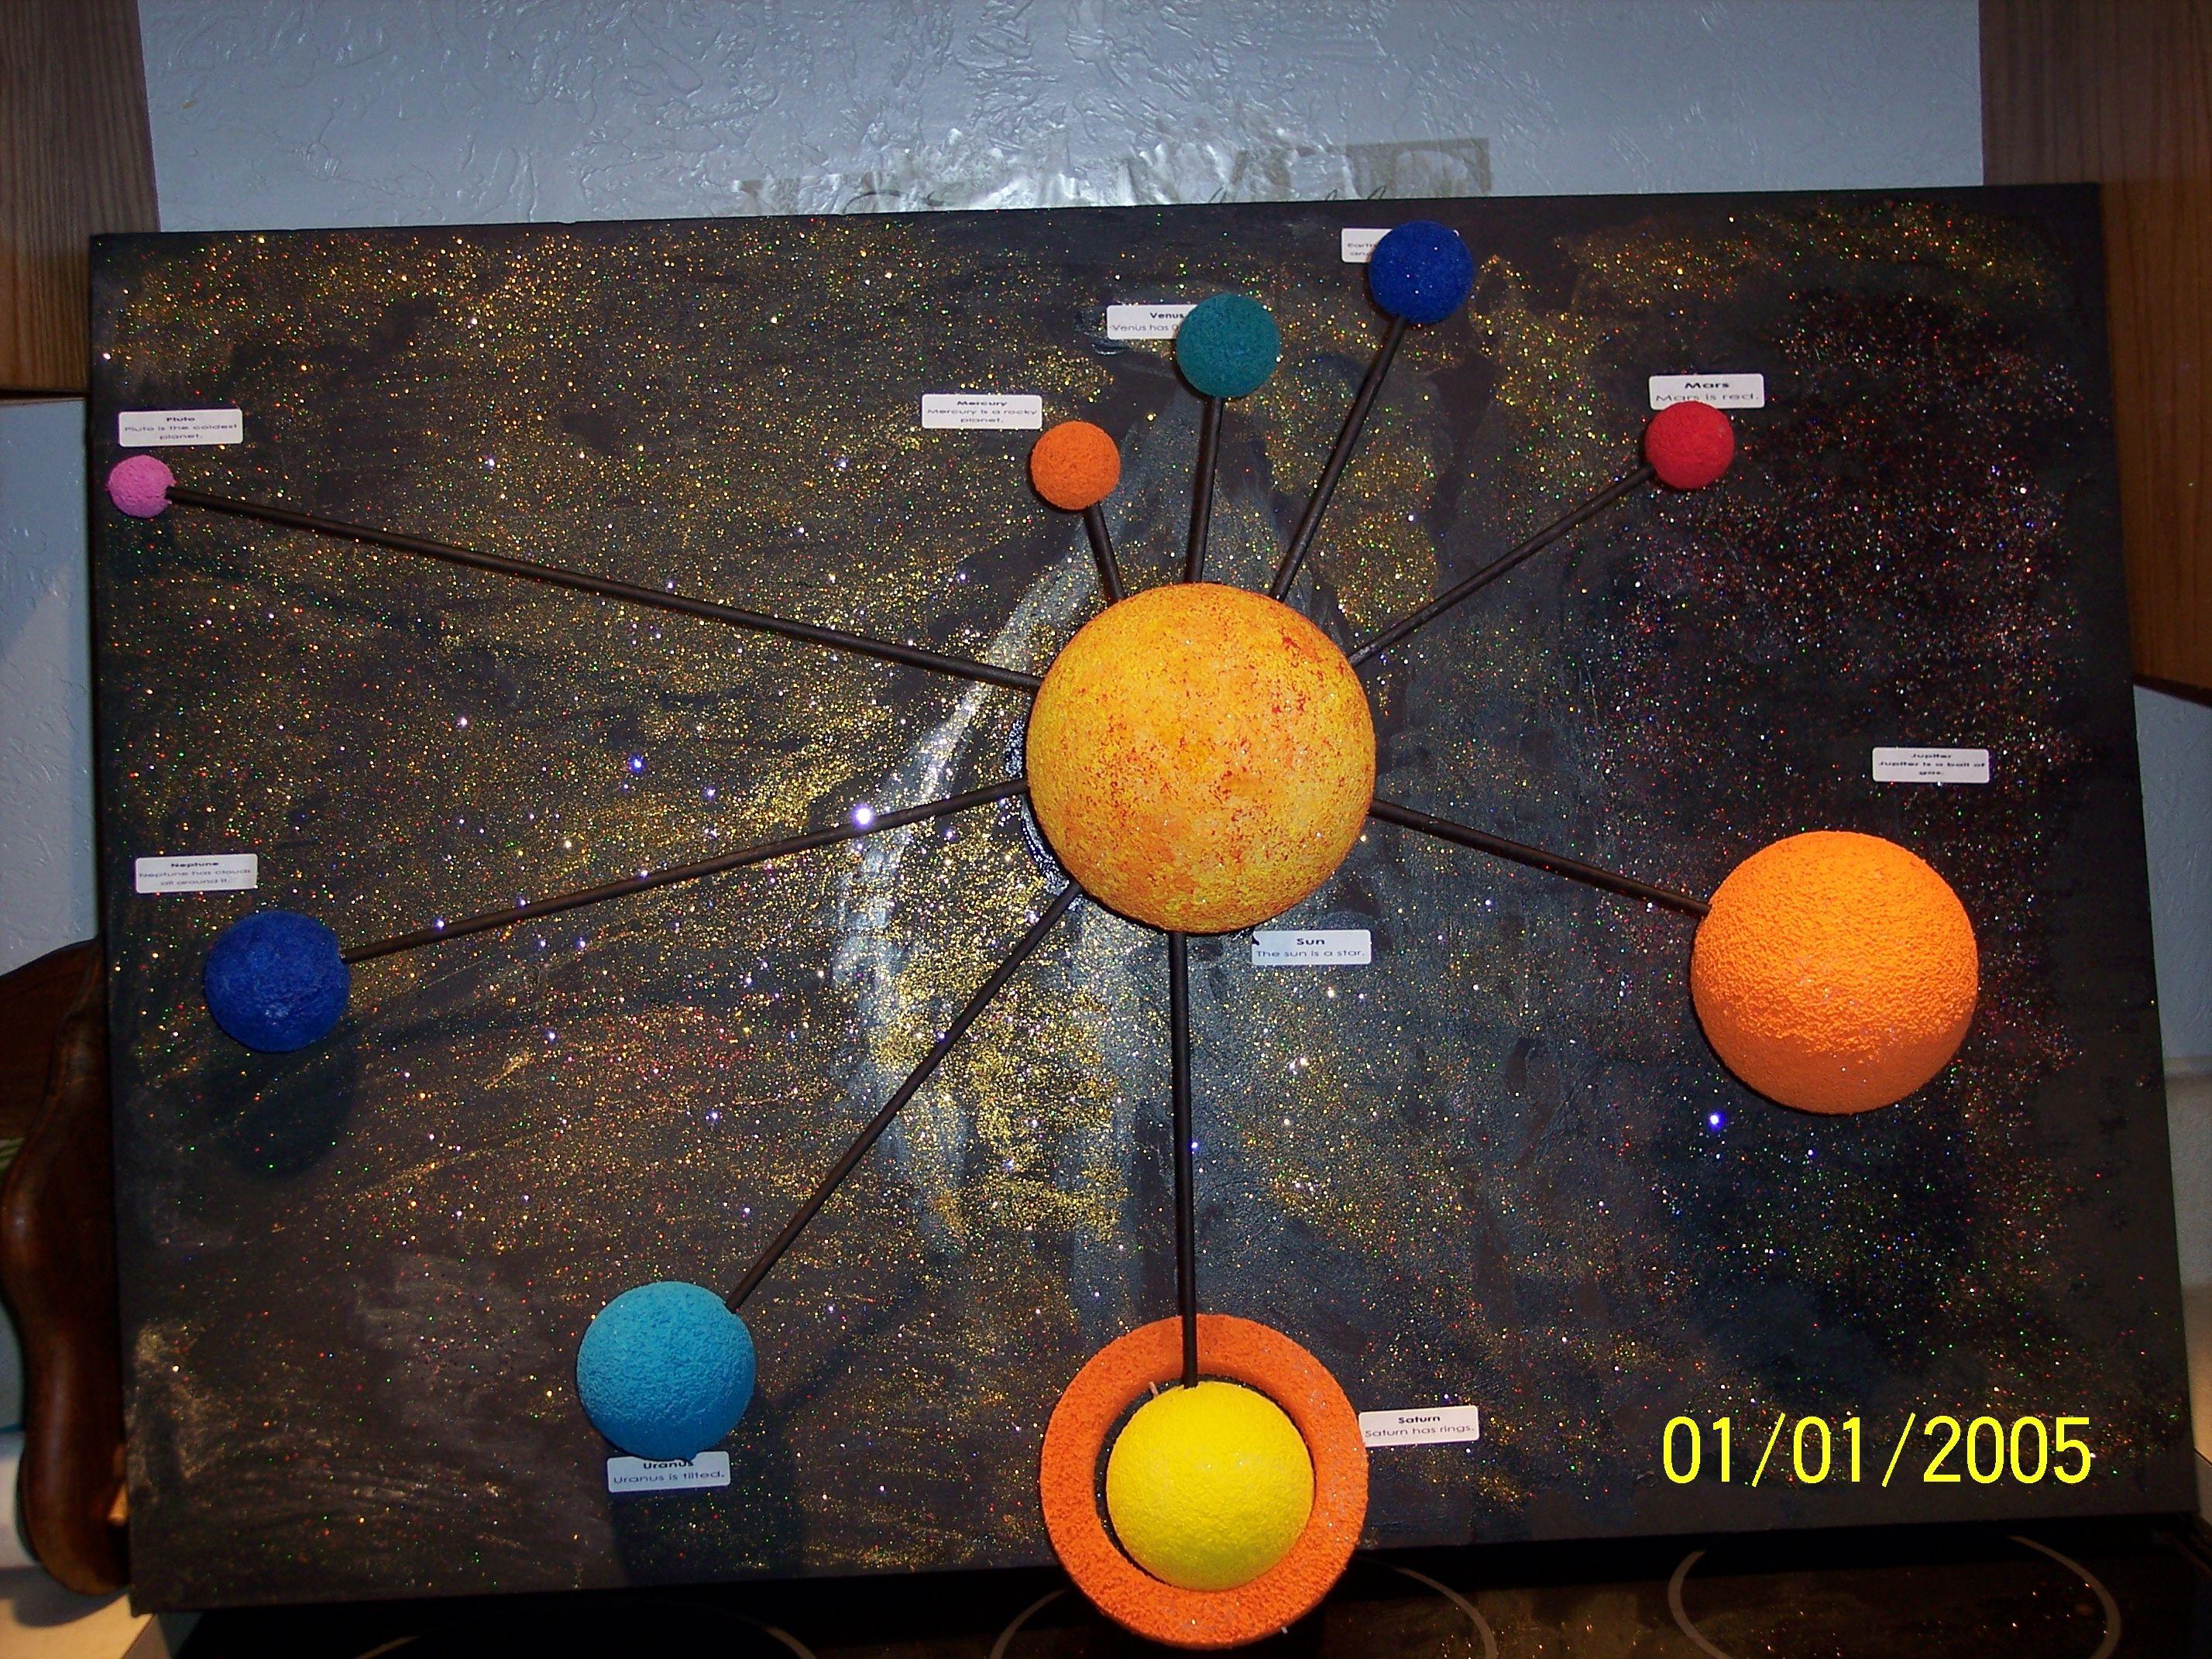 My Son Is In 2nd Grade Amp We Had To Do A Model Of The Solar